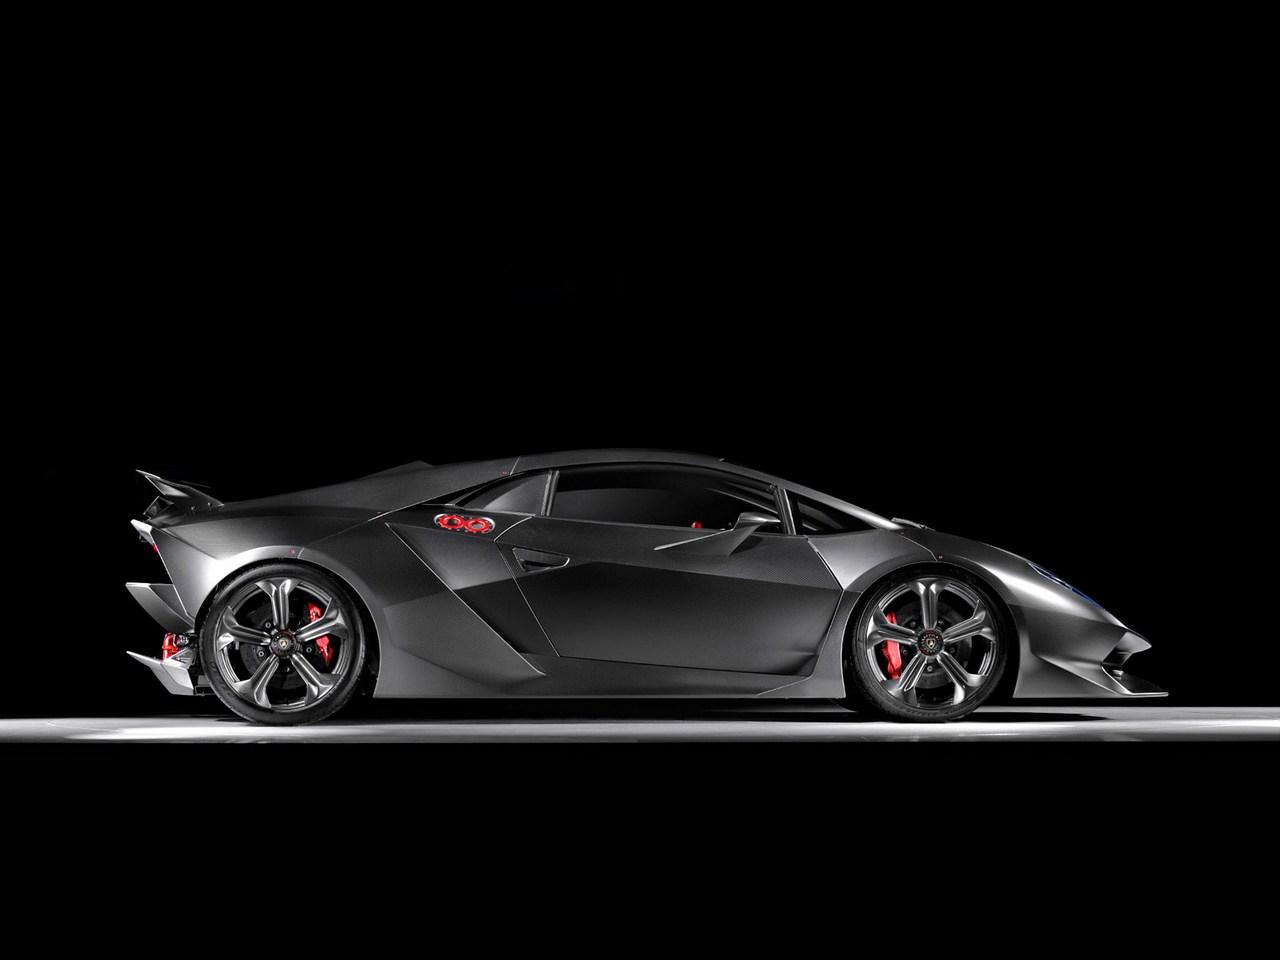 Lamborghini-Sesto-Elemento-Concept-2010-Photo-12